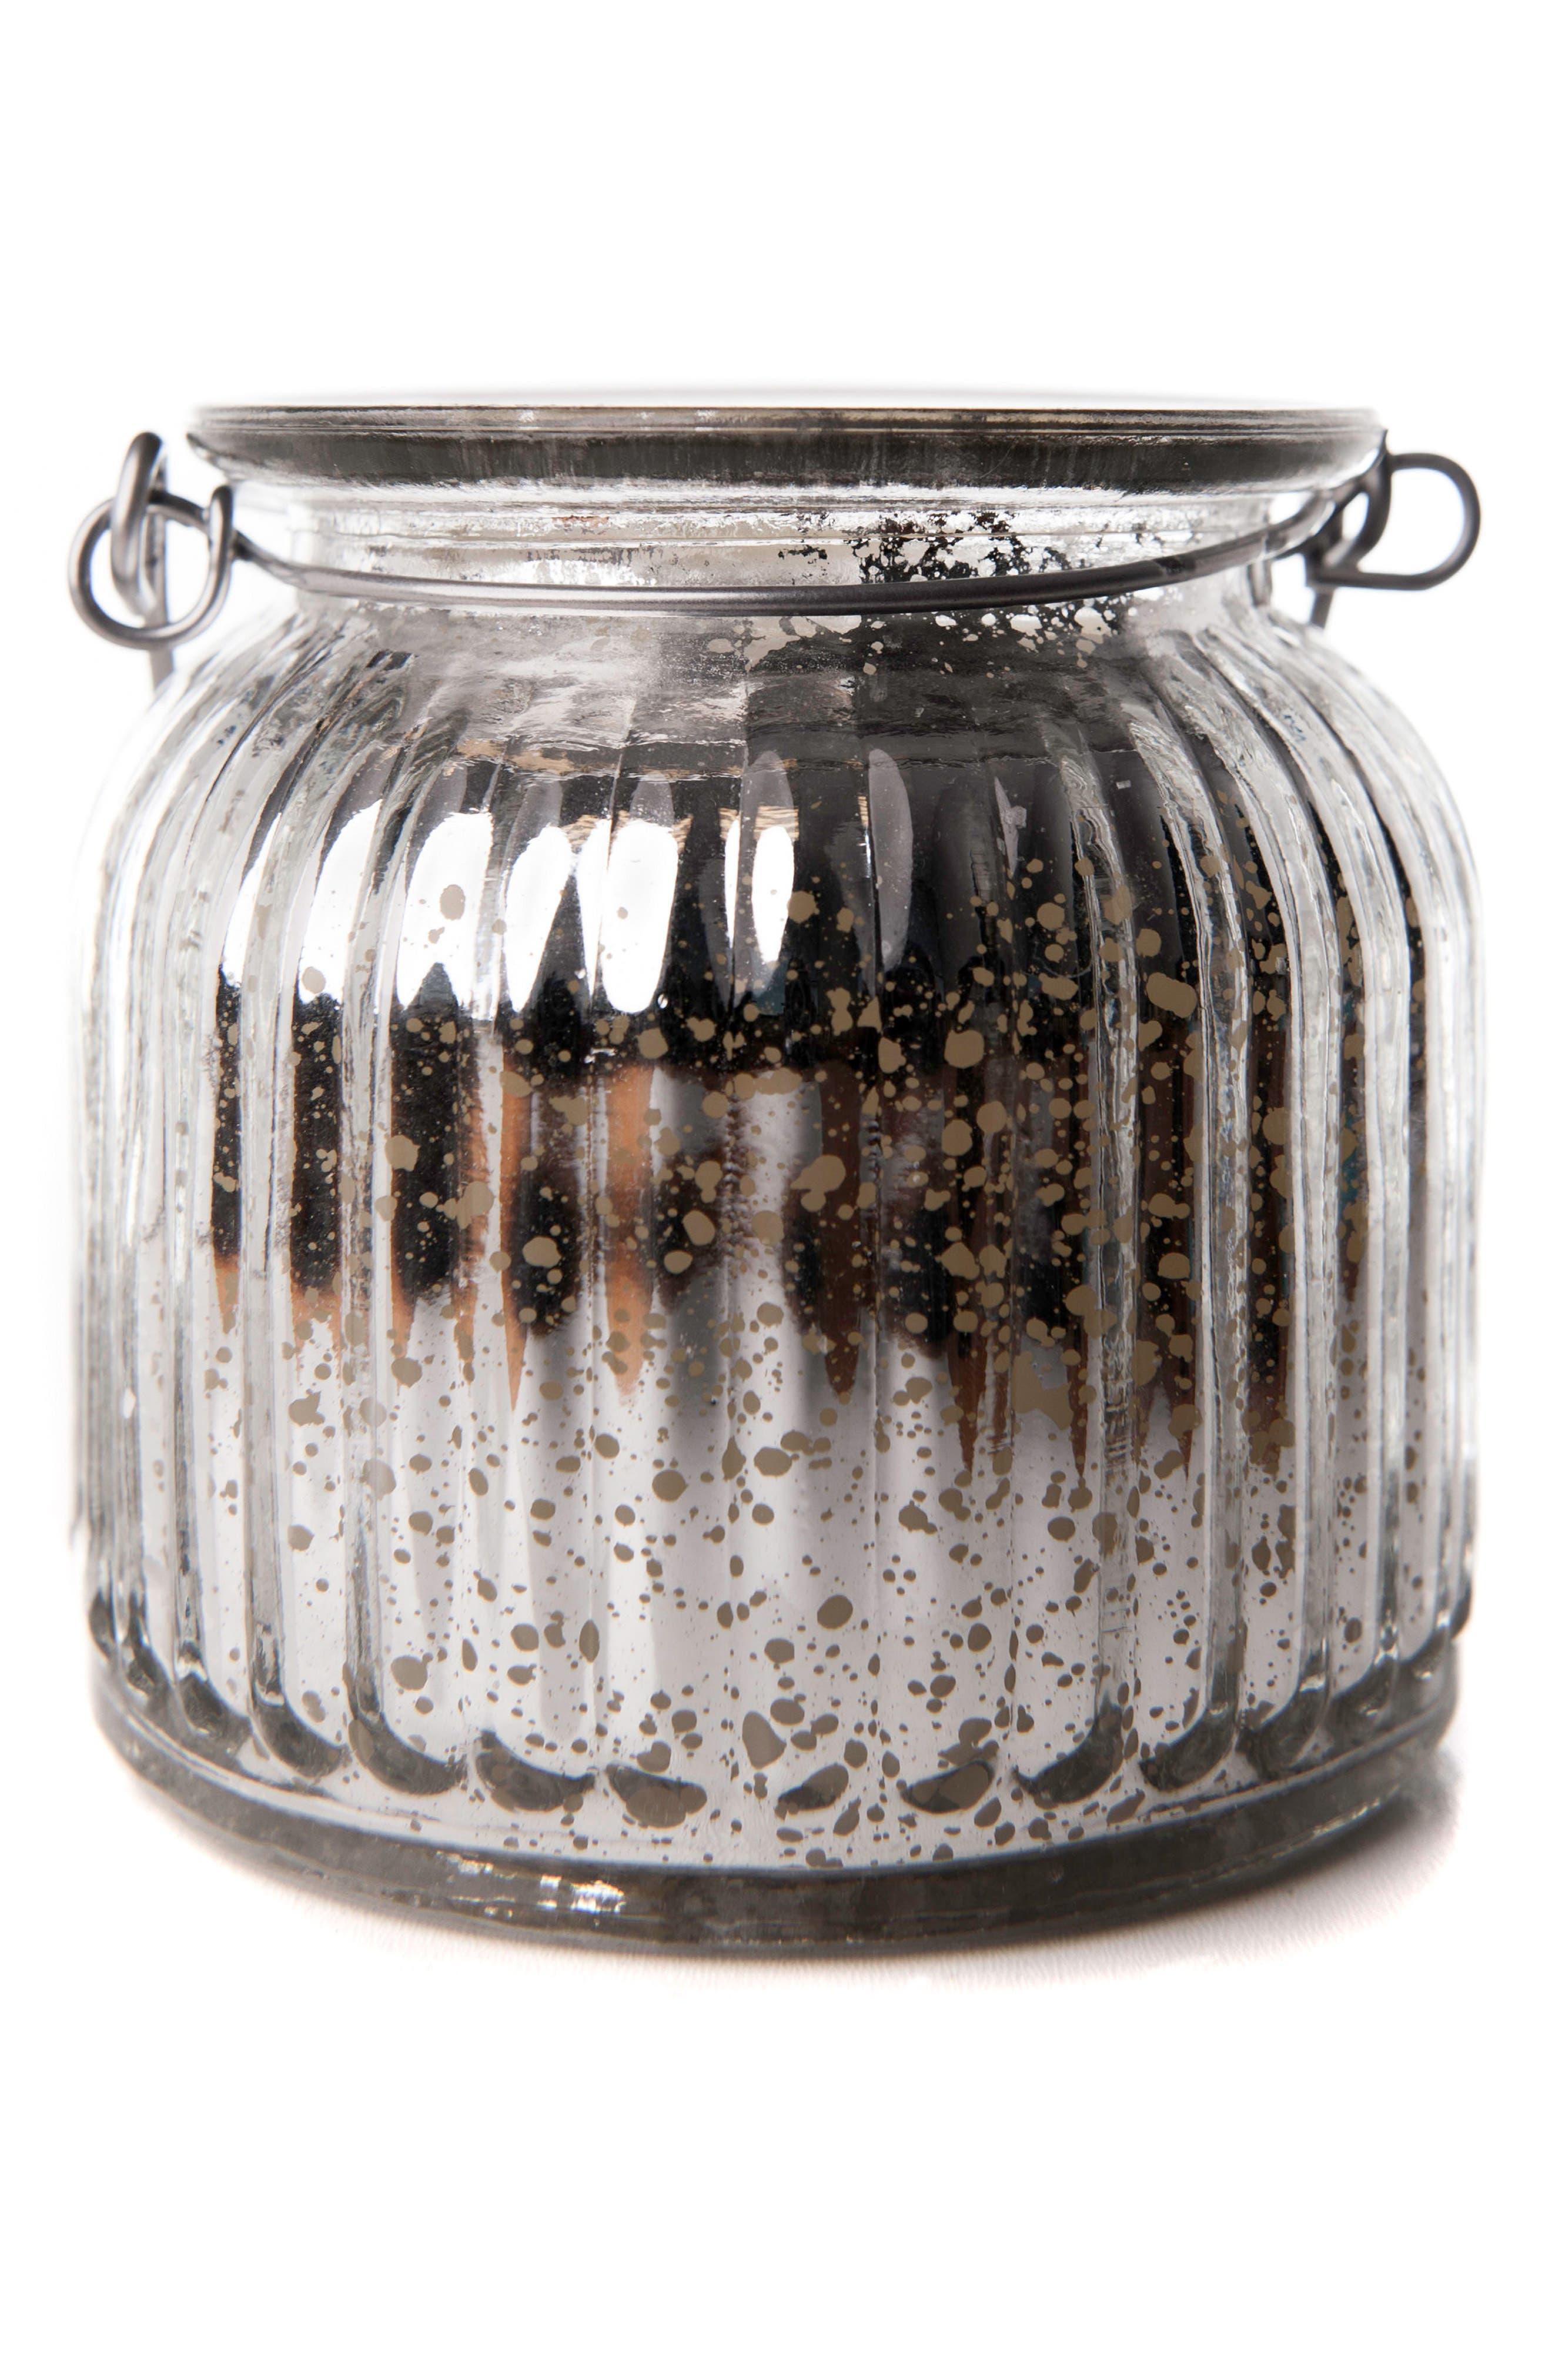 Main Image - Amazing Flameless Candle Mercury Glass Jar Flameless Candle